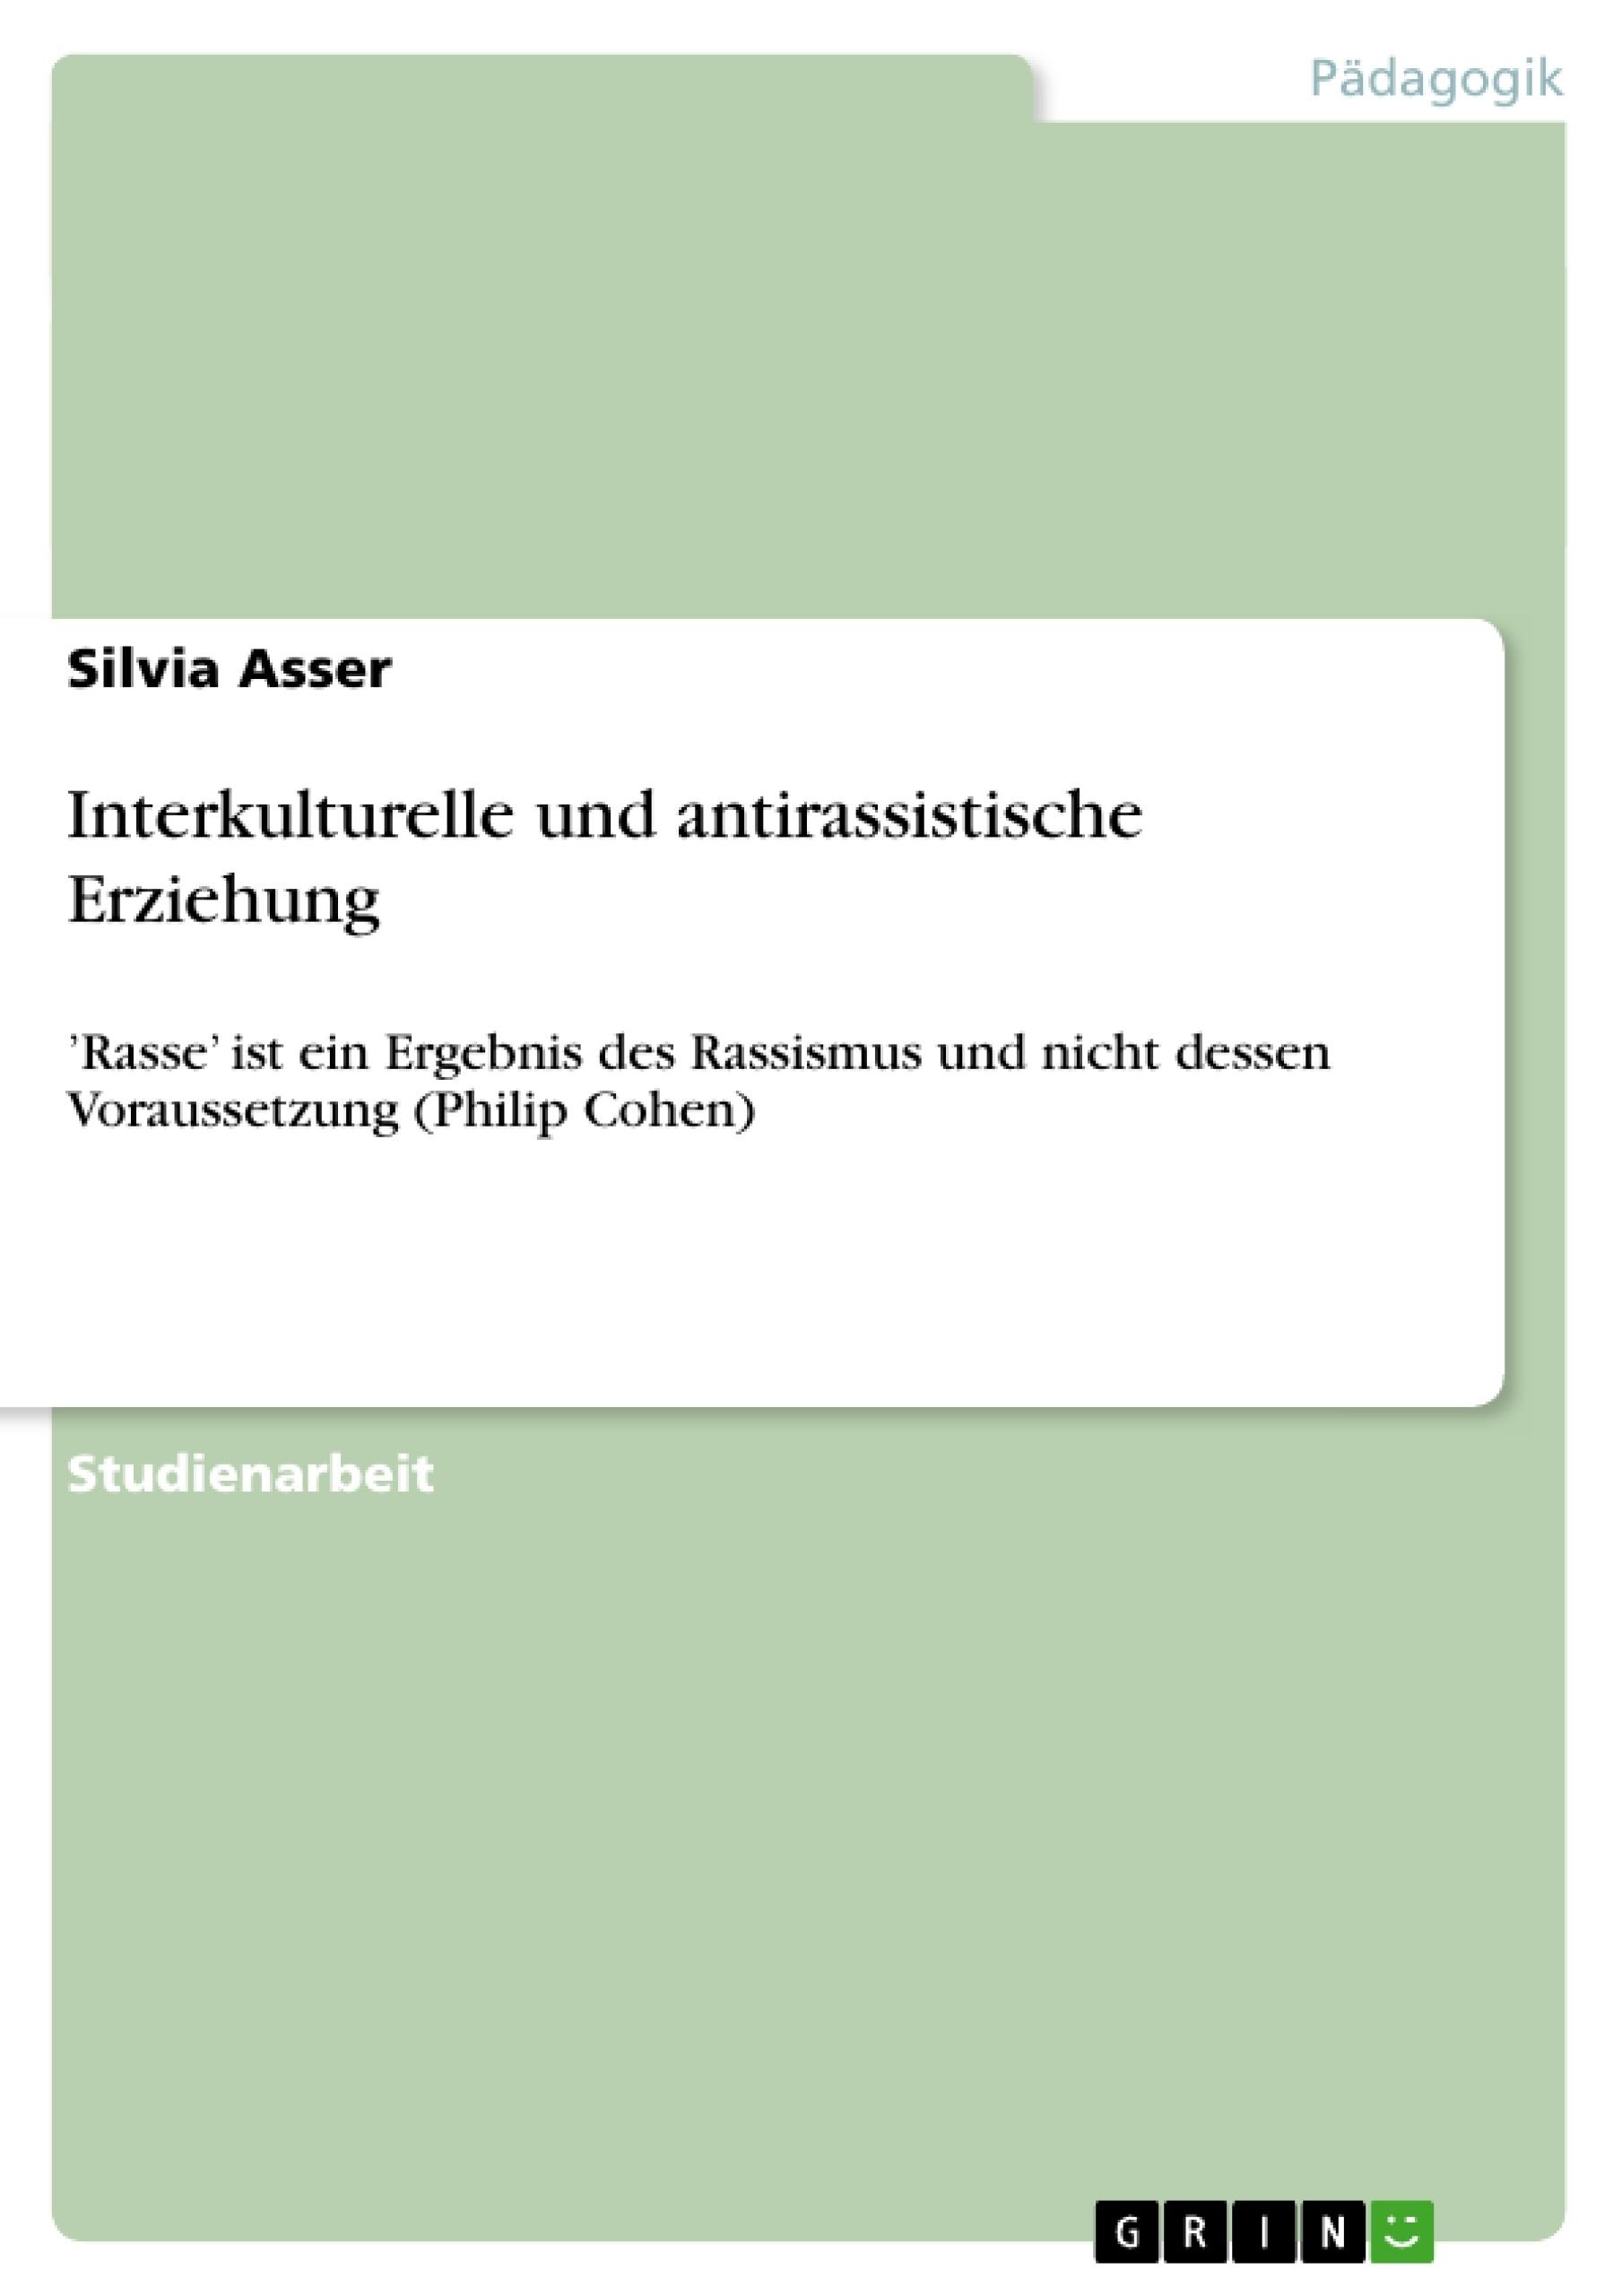 Titel: Interkulturelle und antirassistische Erziehung